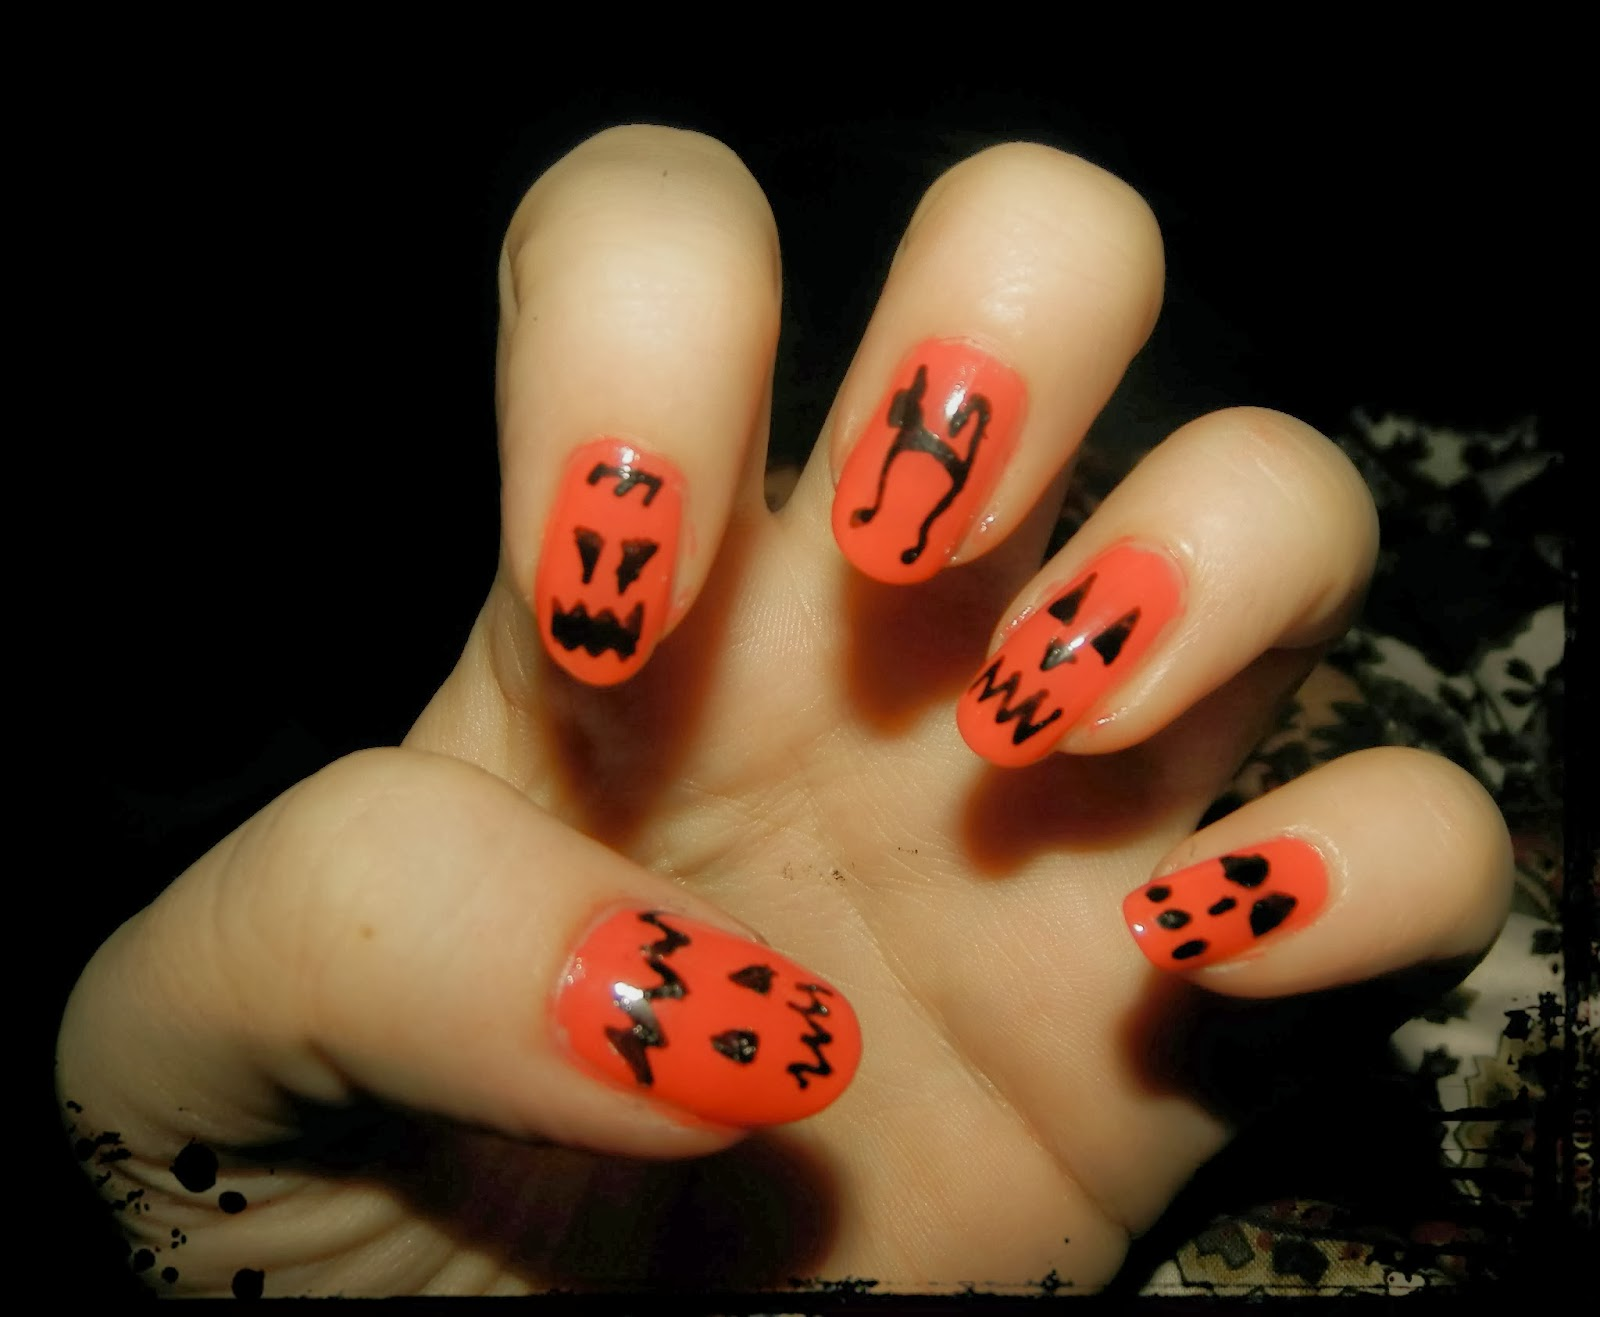 Beauty, Miscellany: Halloween Themed Nails #2 - Pumpkin Nails